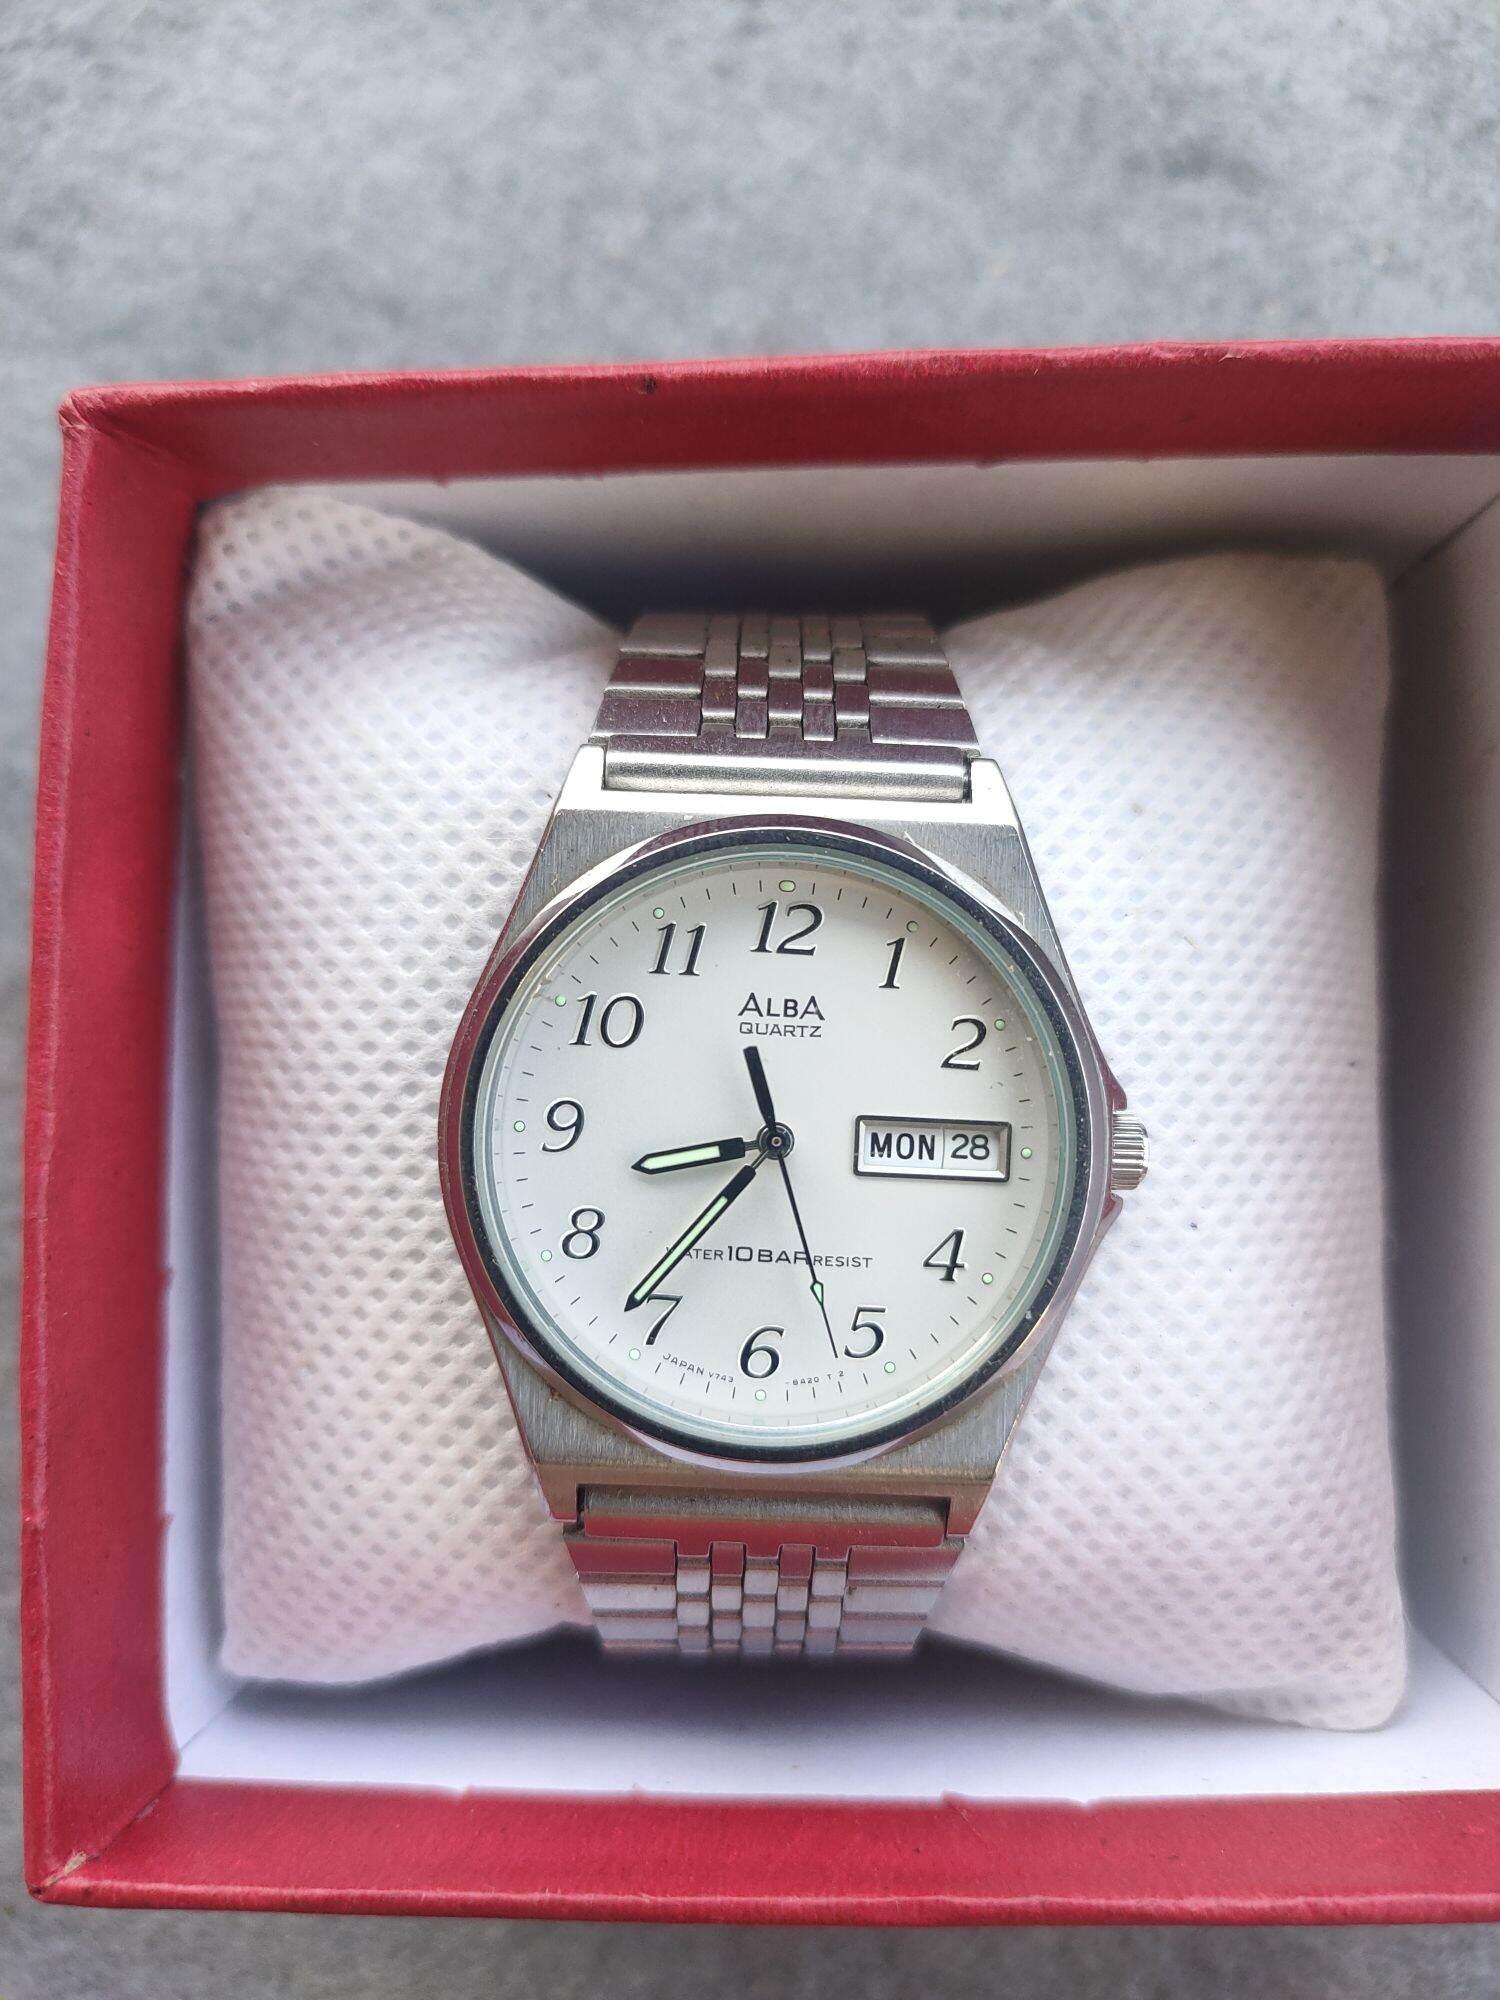 Đồng hồ alba seiko japan, size mặt 37mm, dây zin thép ko rỉ, hình thức 98%